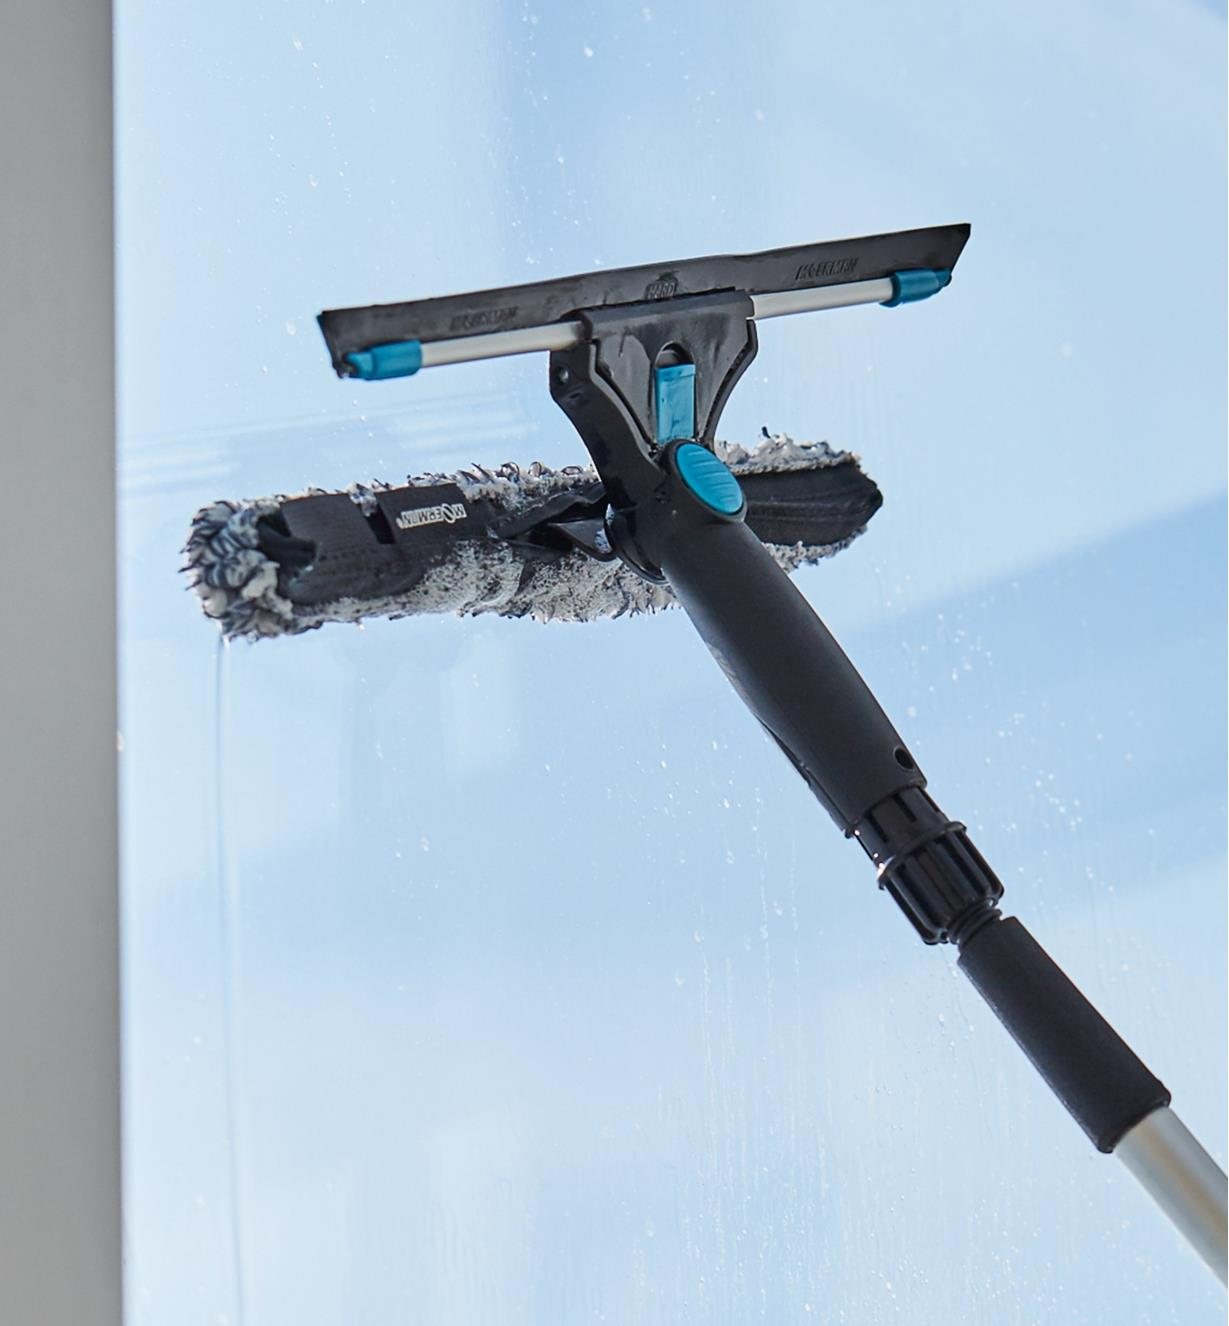 Brosse-éponge de l'outil combiné pour le lavage de vitre appuyée contre une fenêtre